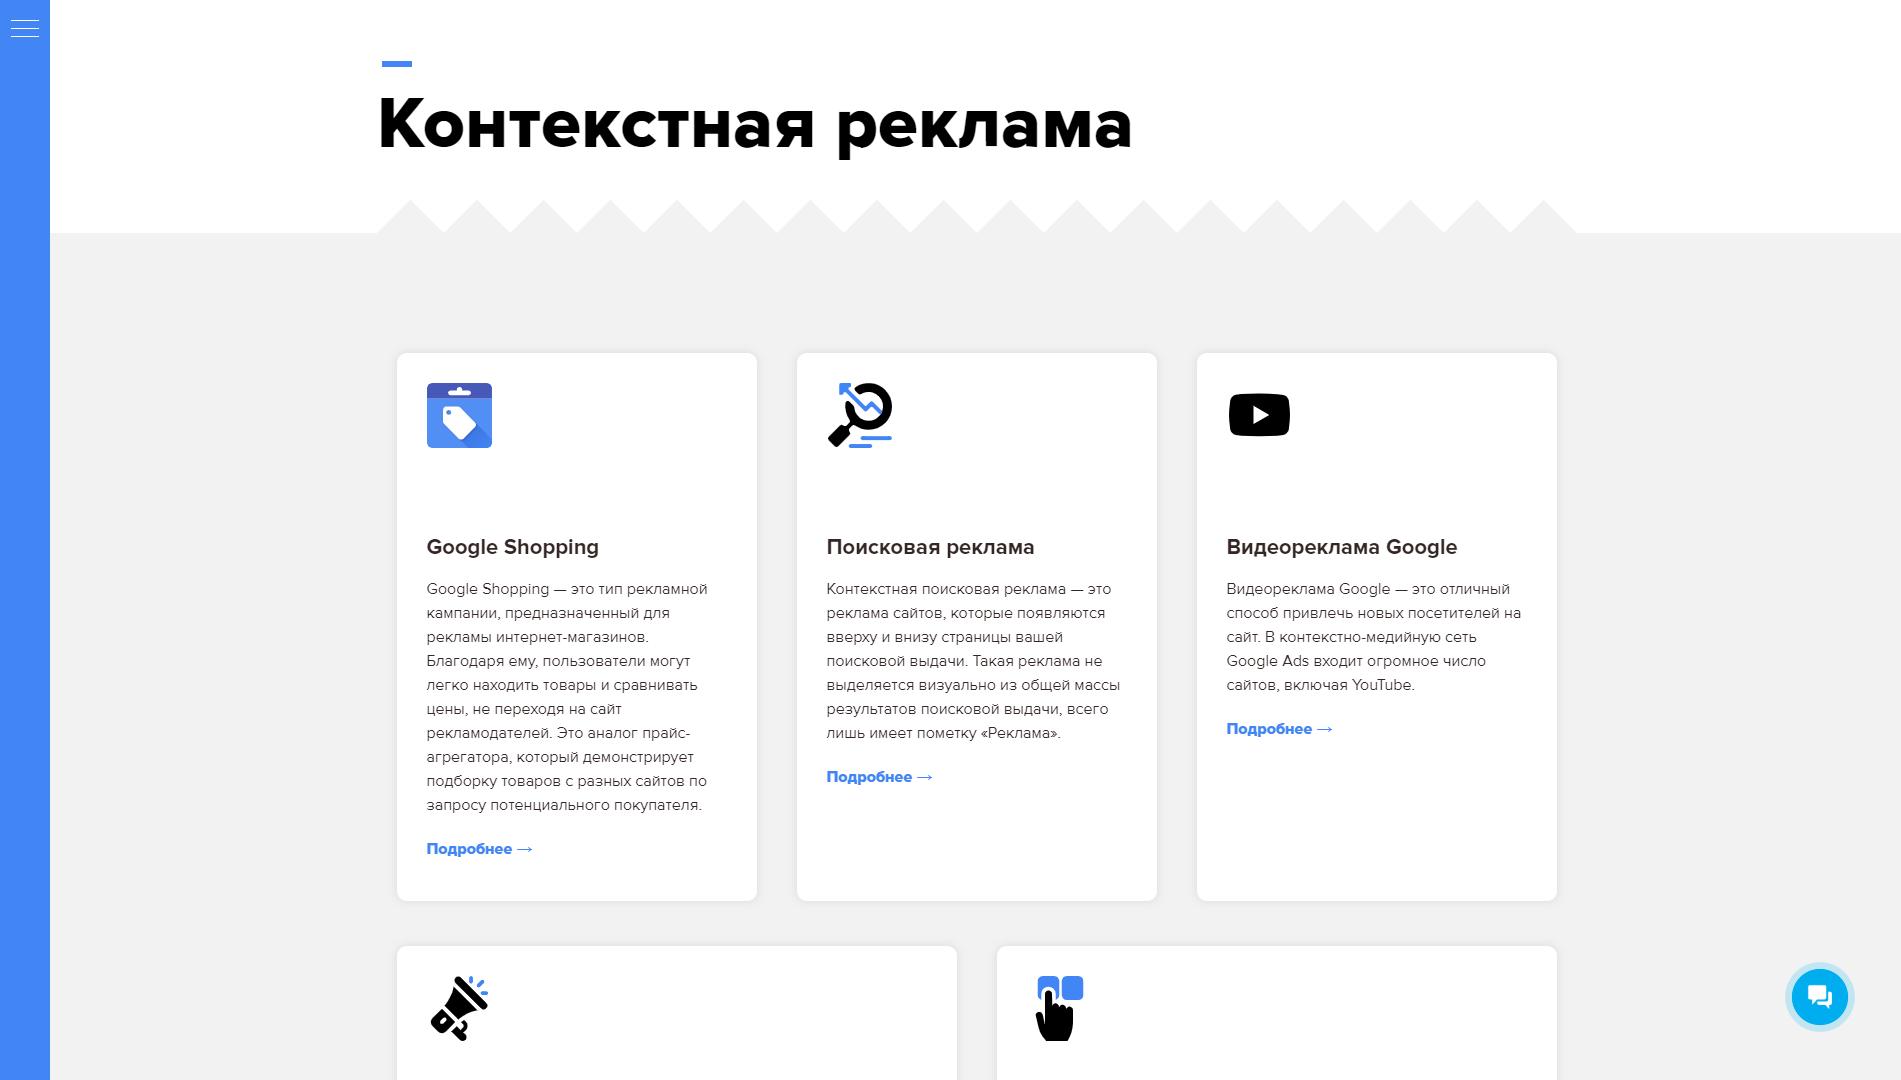 Mnews.agency - обзор компании, услуги, отзывы, клиенты, Фото № 3 - google-seo.pro